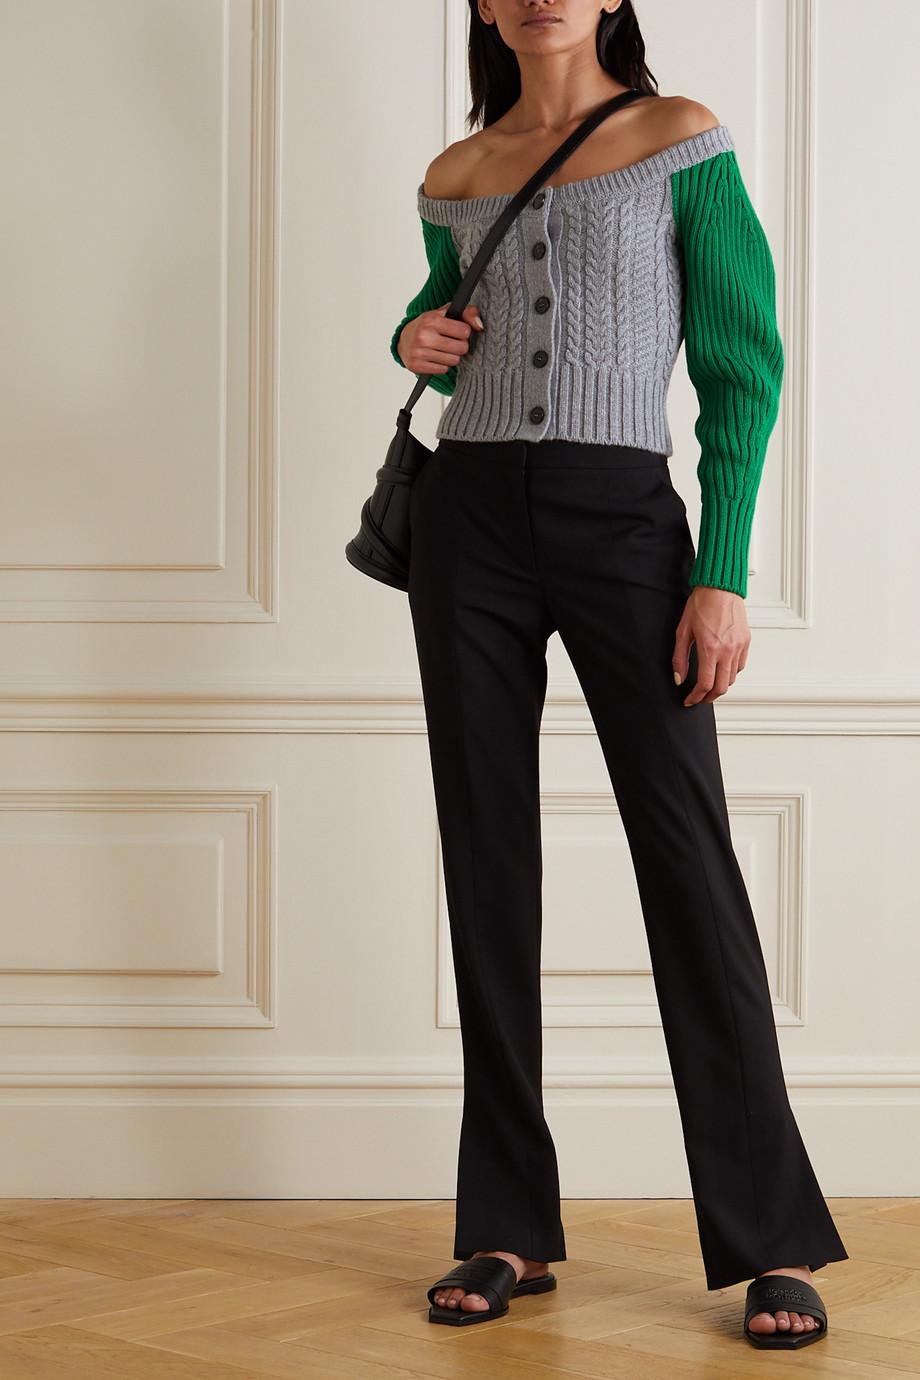 Alexander McQueen Zweifarbiger Cardigan aus einer Woll-Kaschmirmischung in Zopfstrick